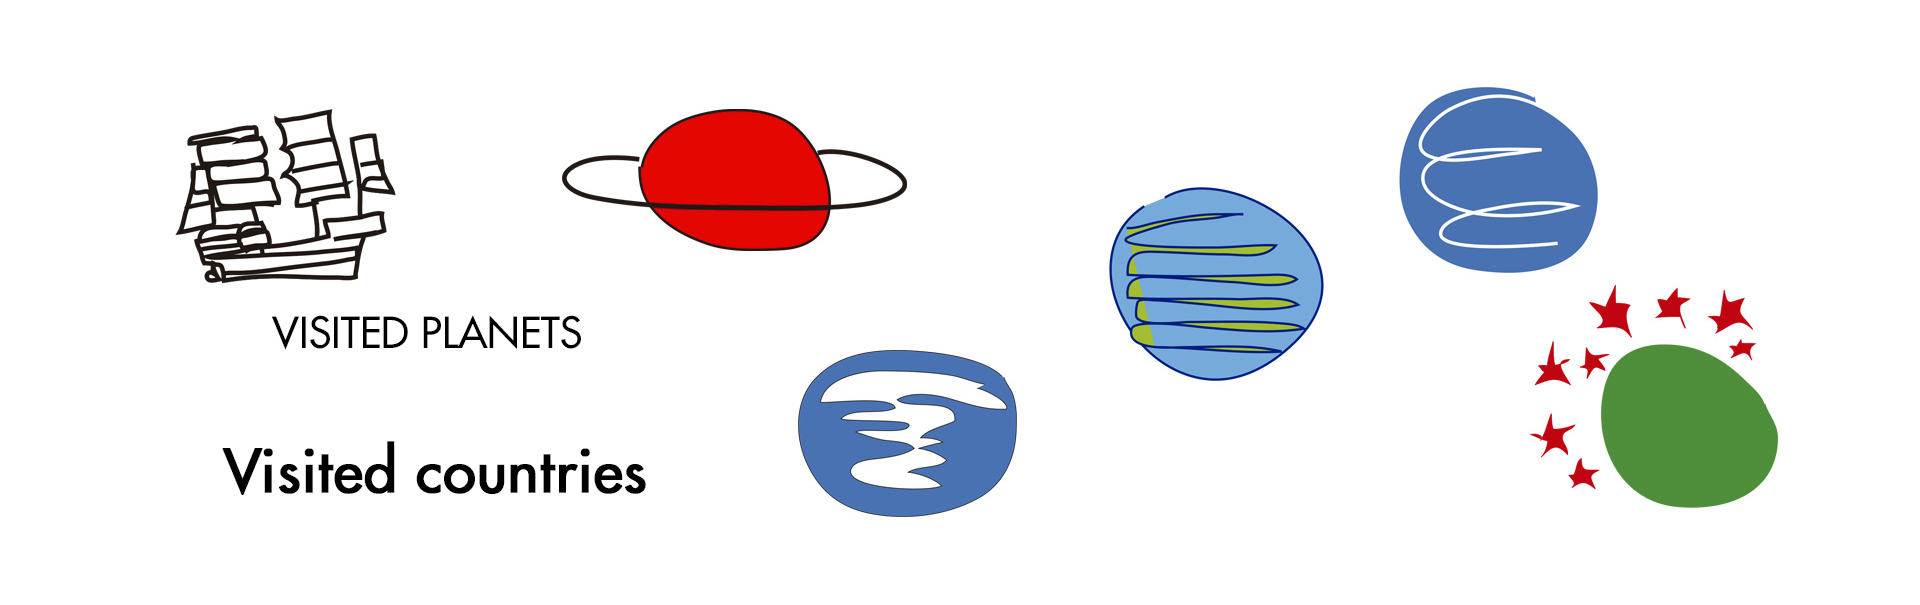 Planetes Visitats